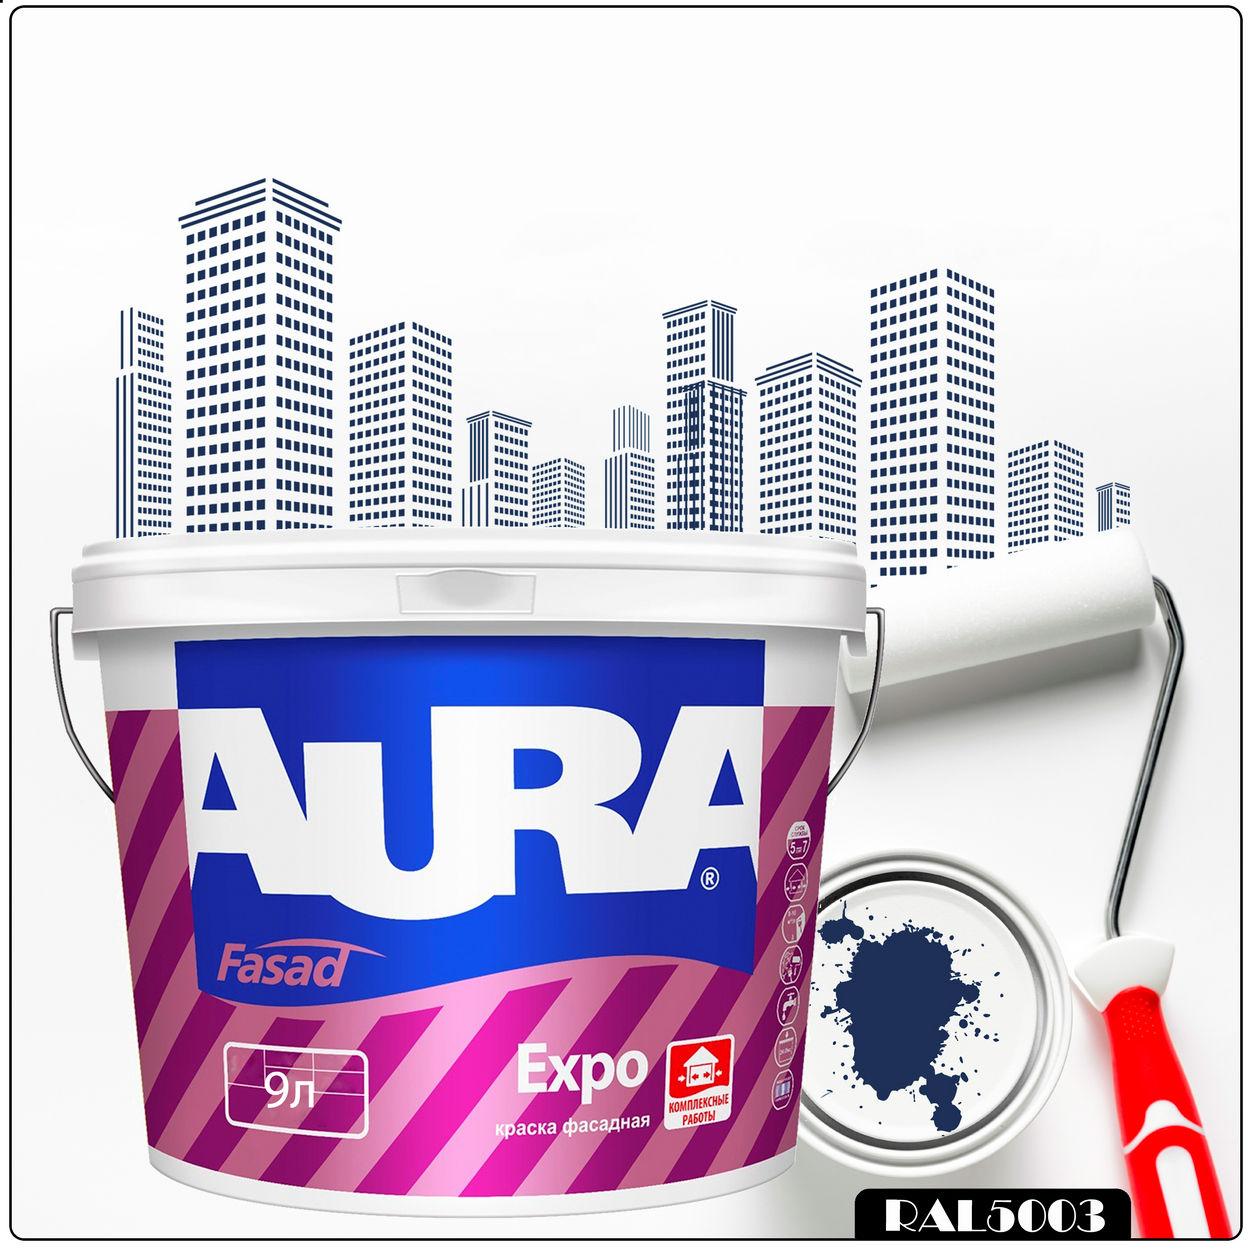 Фото 4 - Краска Aura Fasad Expo, RAL 5003 Сапфирово-синий, матовая, для фасадов и помещений с повышенной влажностью, 9л.